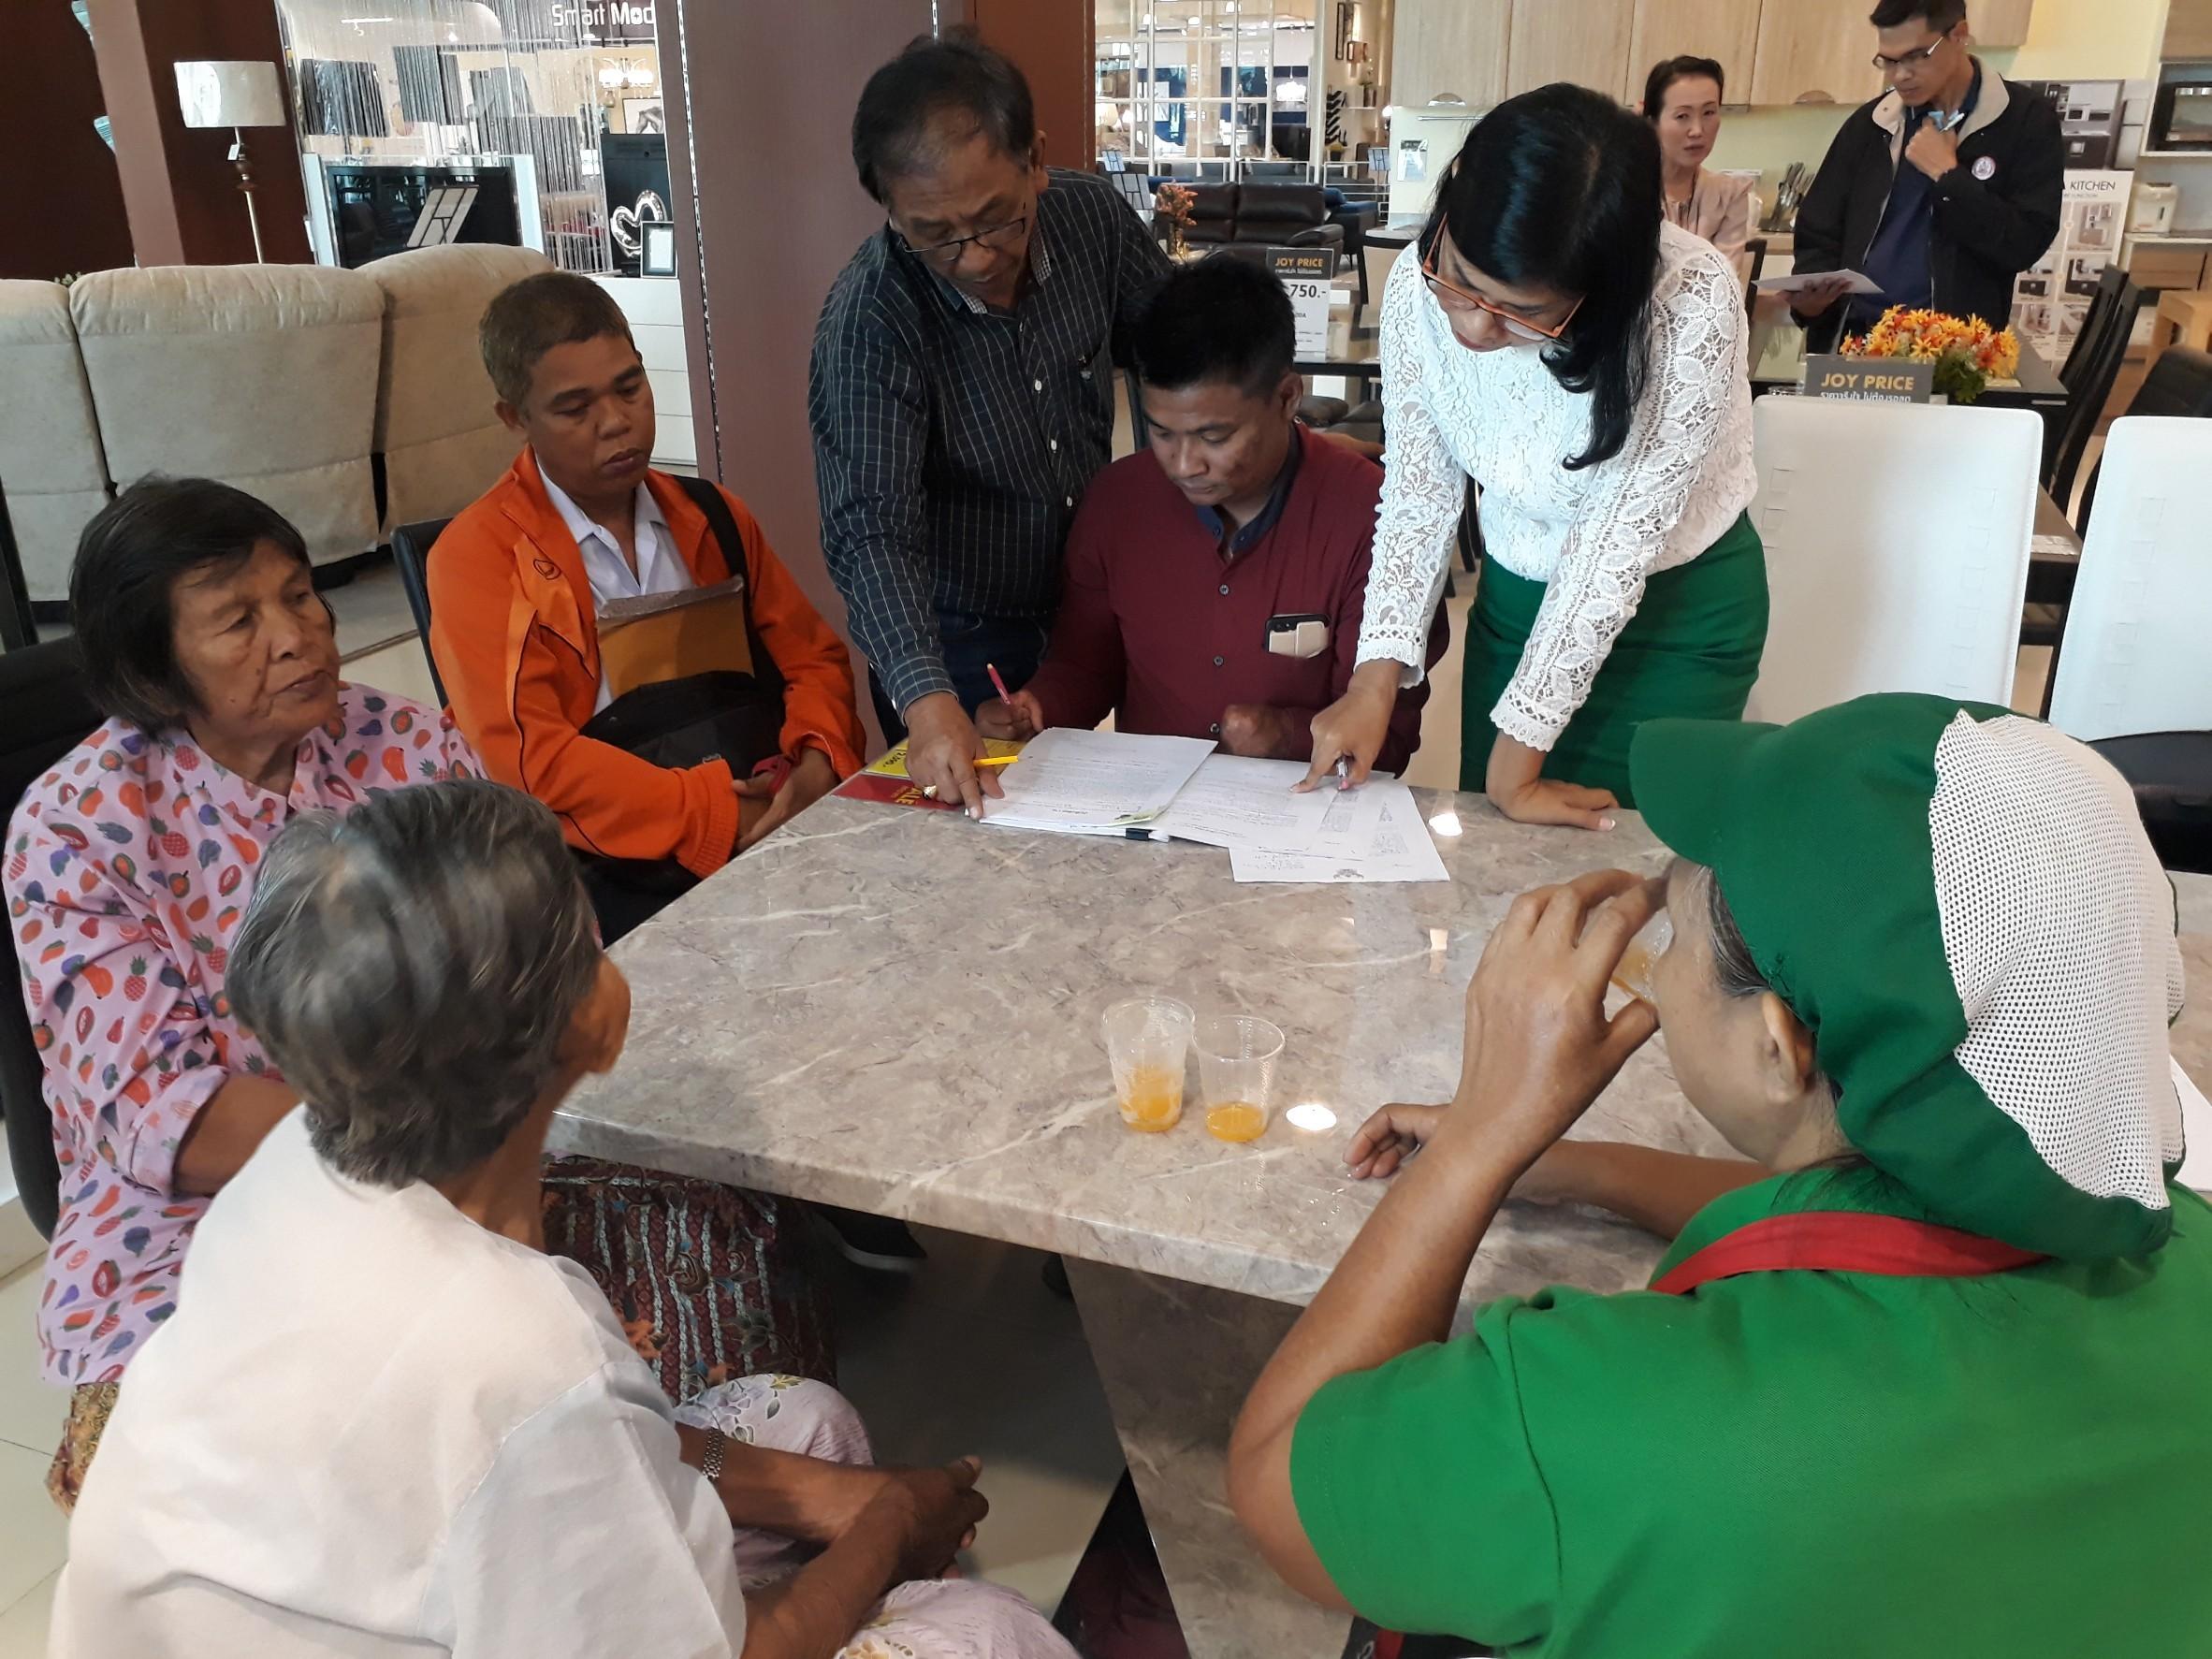 สจจ. ประจวบฯ ดำเนินการตรวจสอบการขอรับสิทธิตามมาตรา 35 ของคนพิการและผู้ดูแลคนพิการ